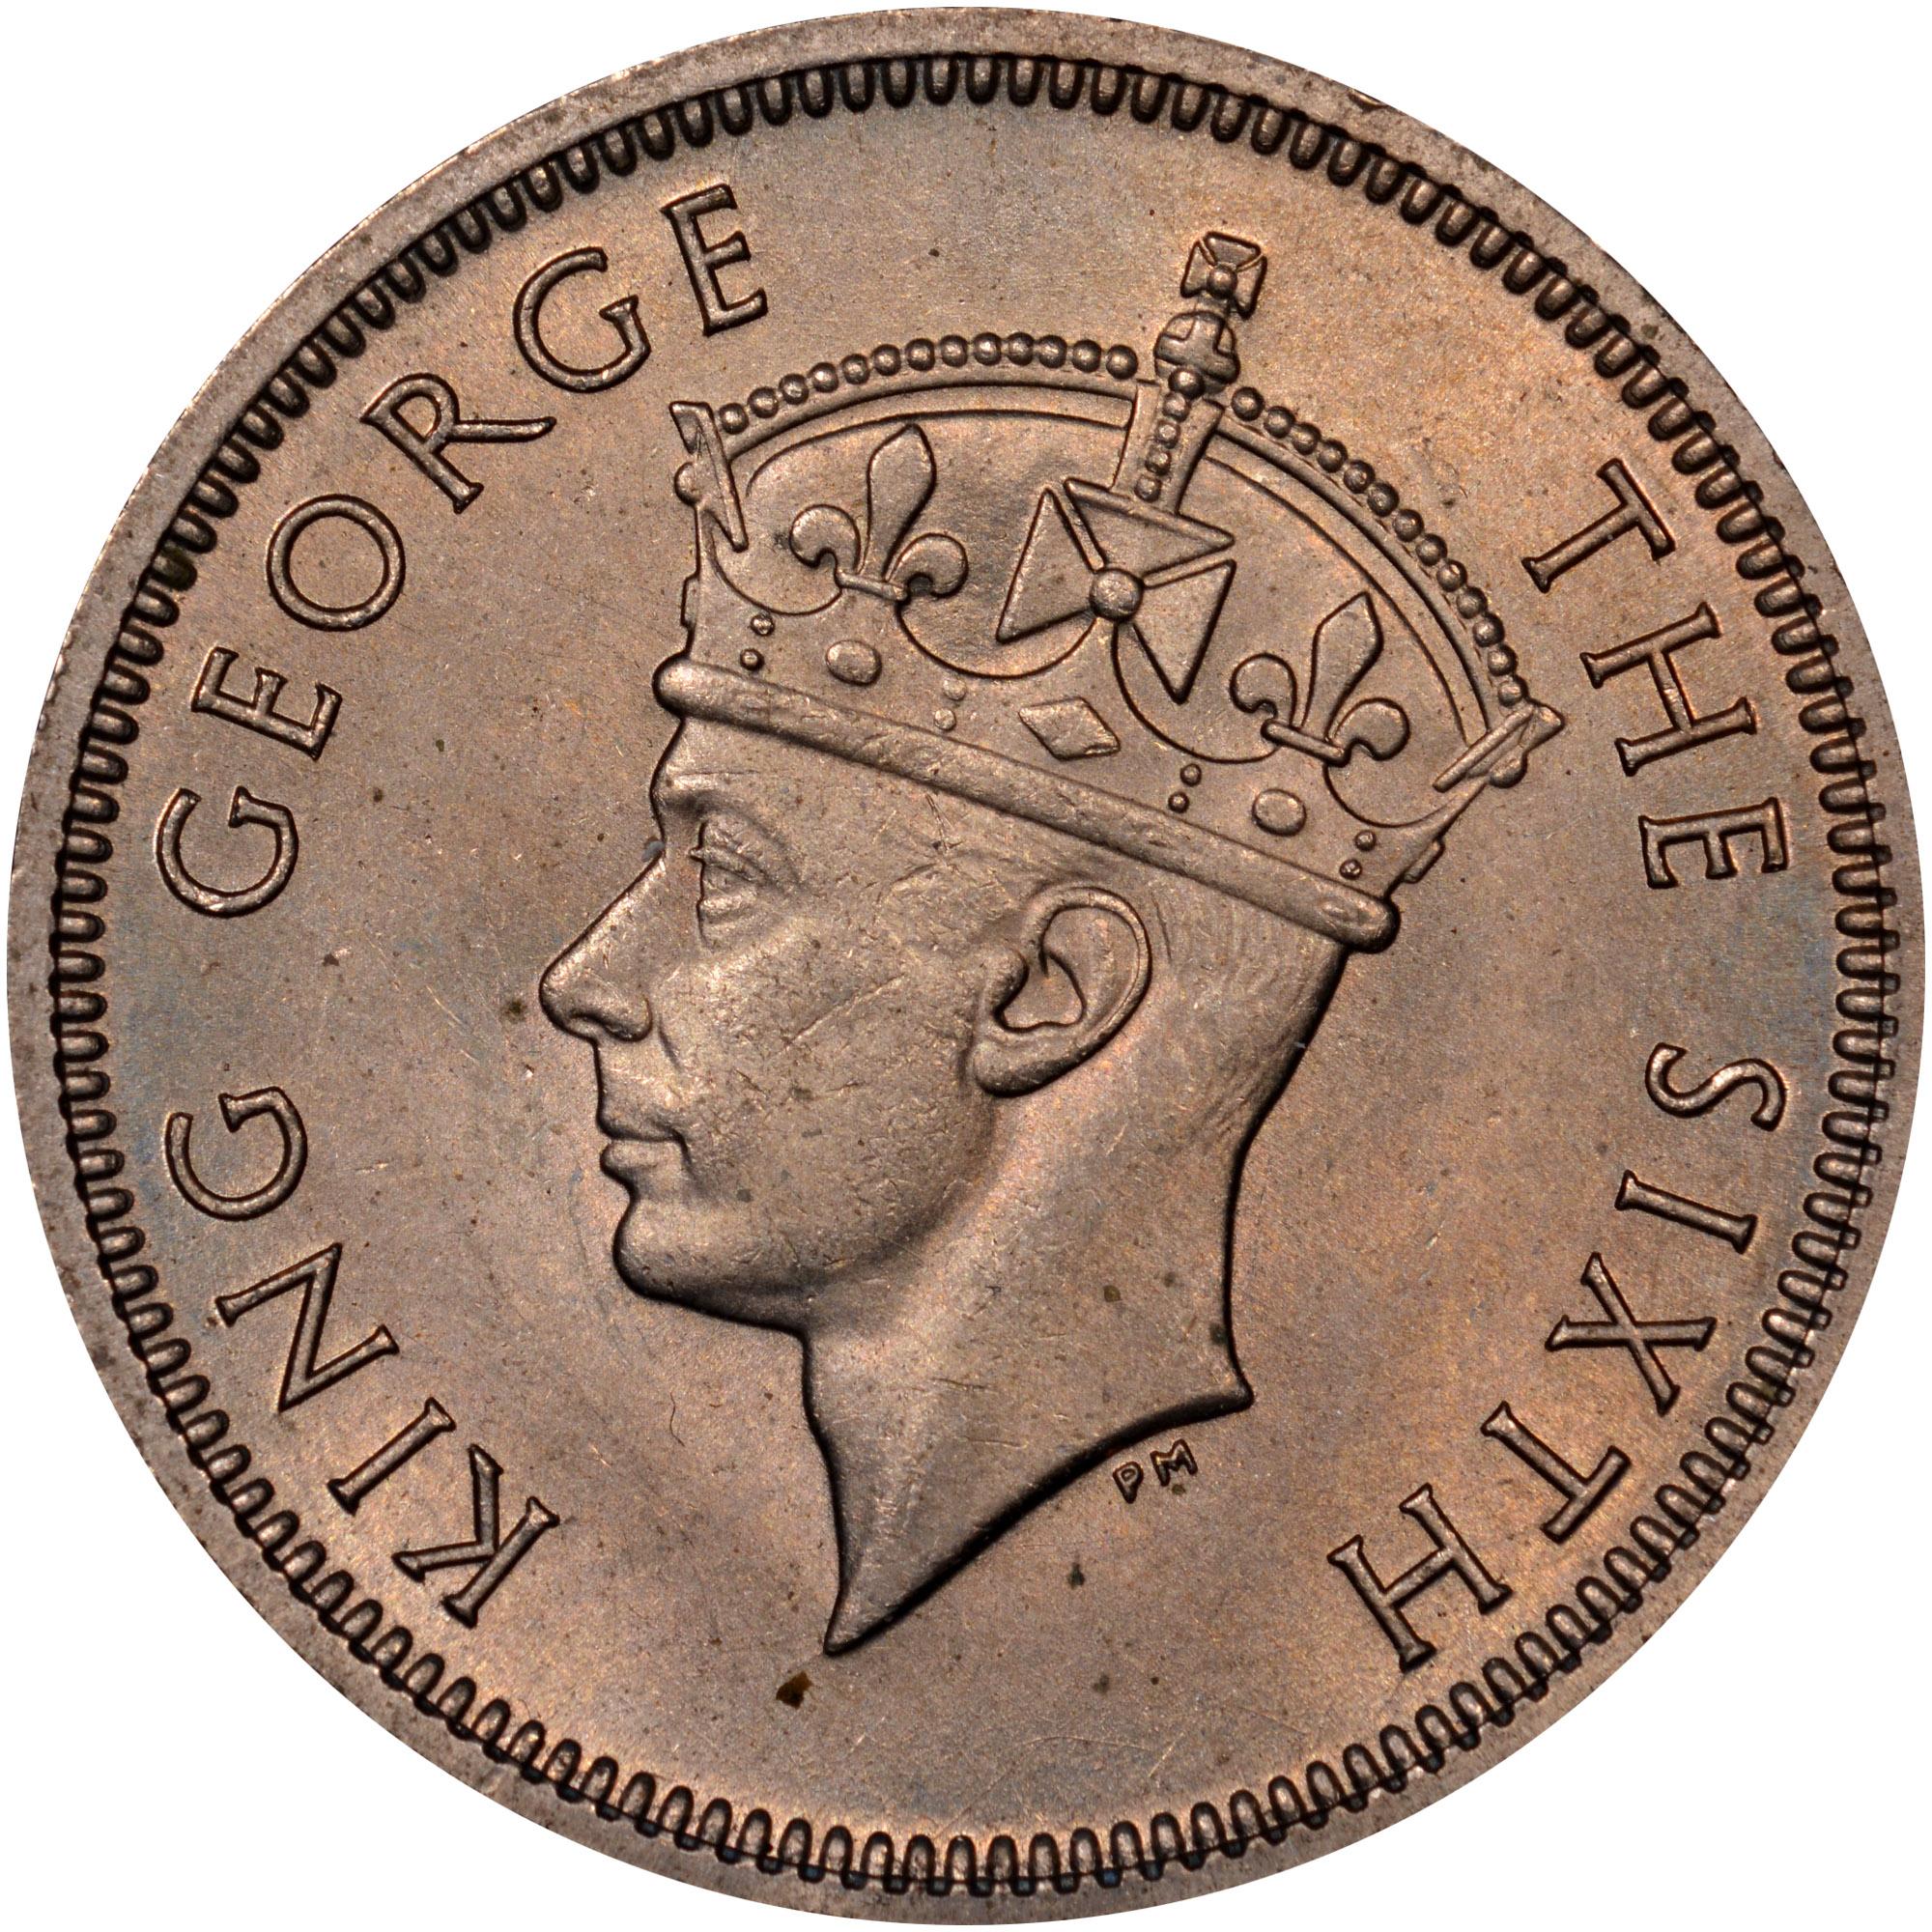 1951 Hong Kong 50 Cents obverse